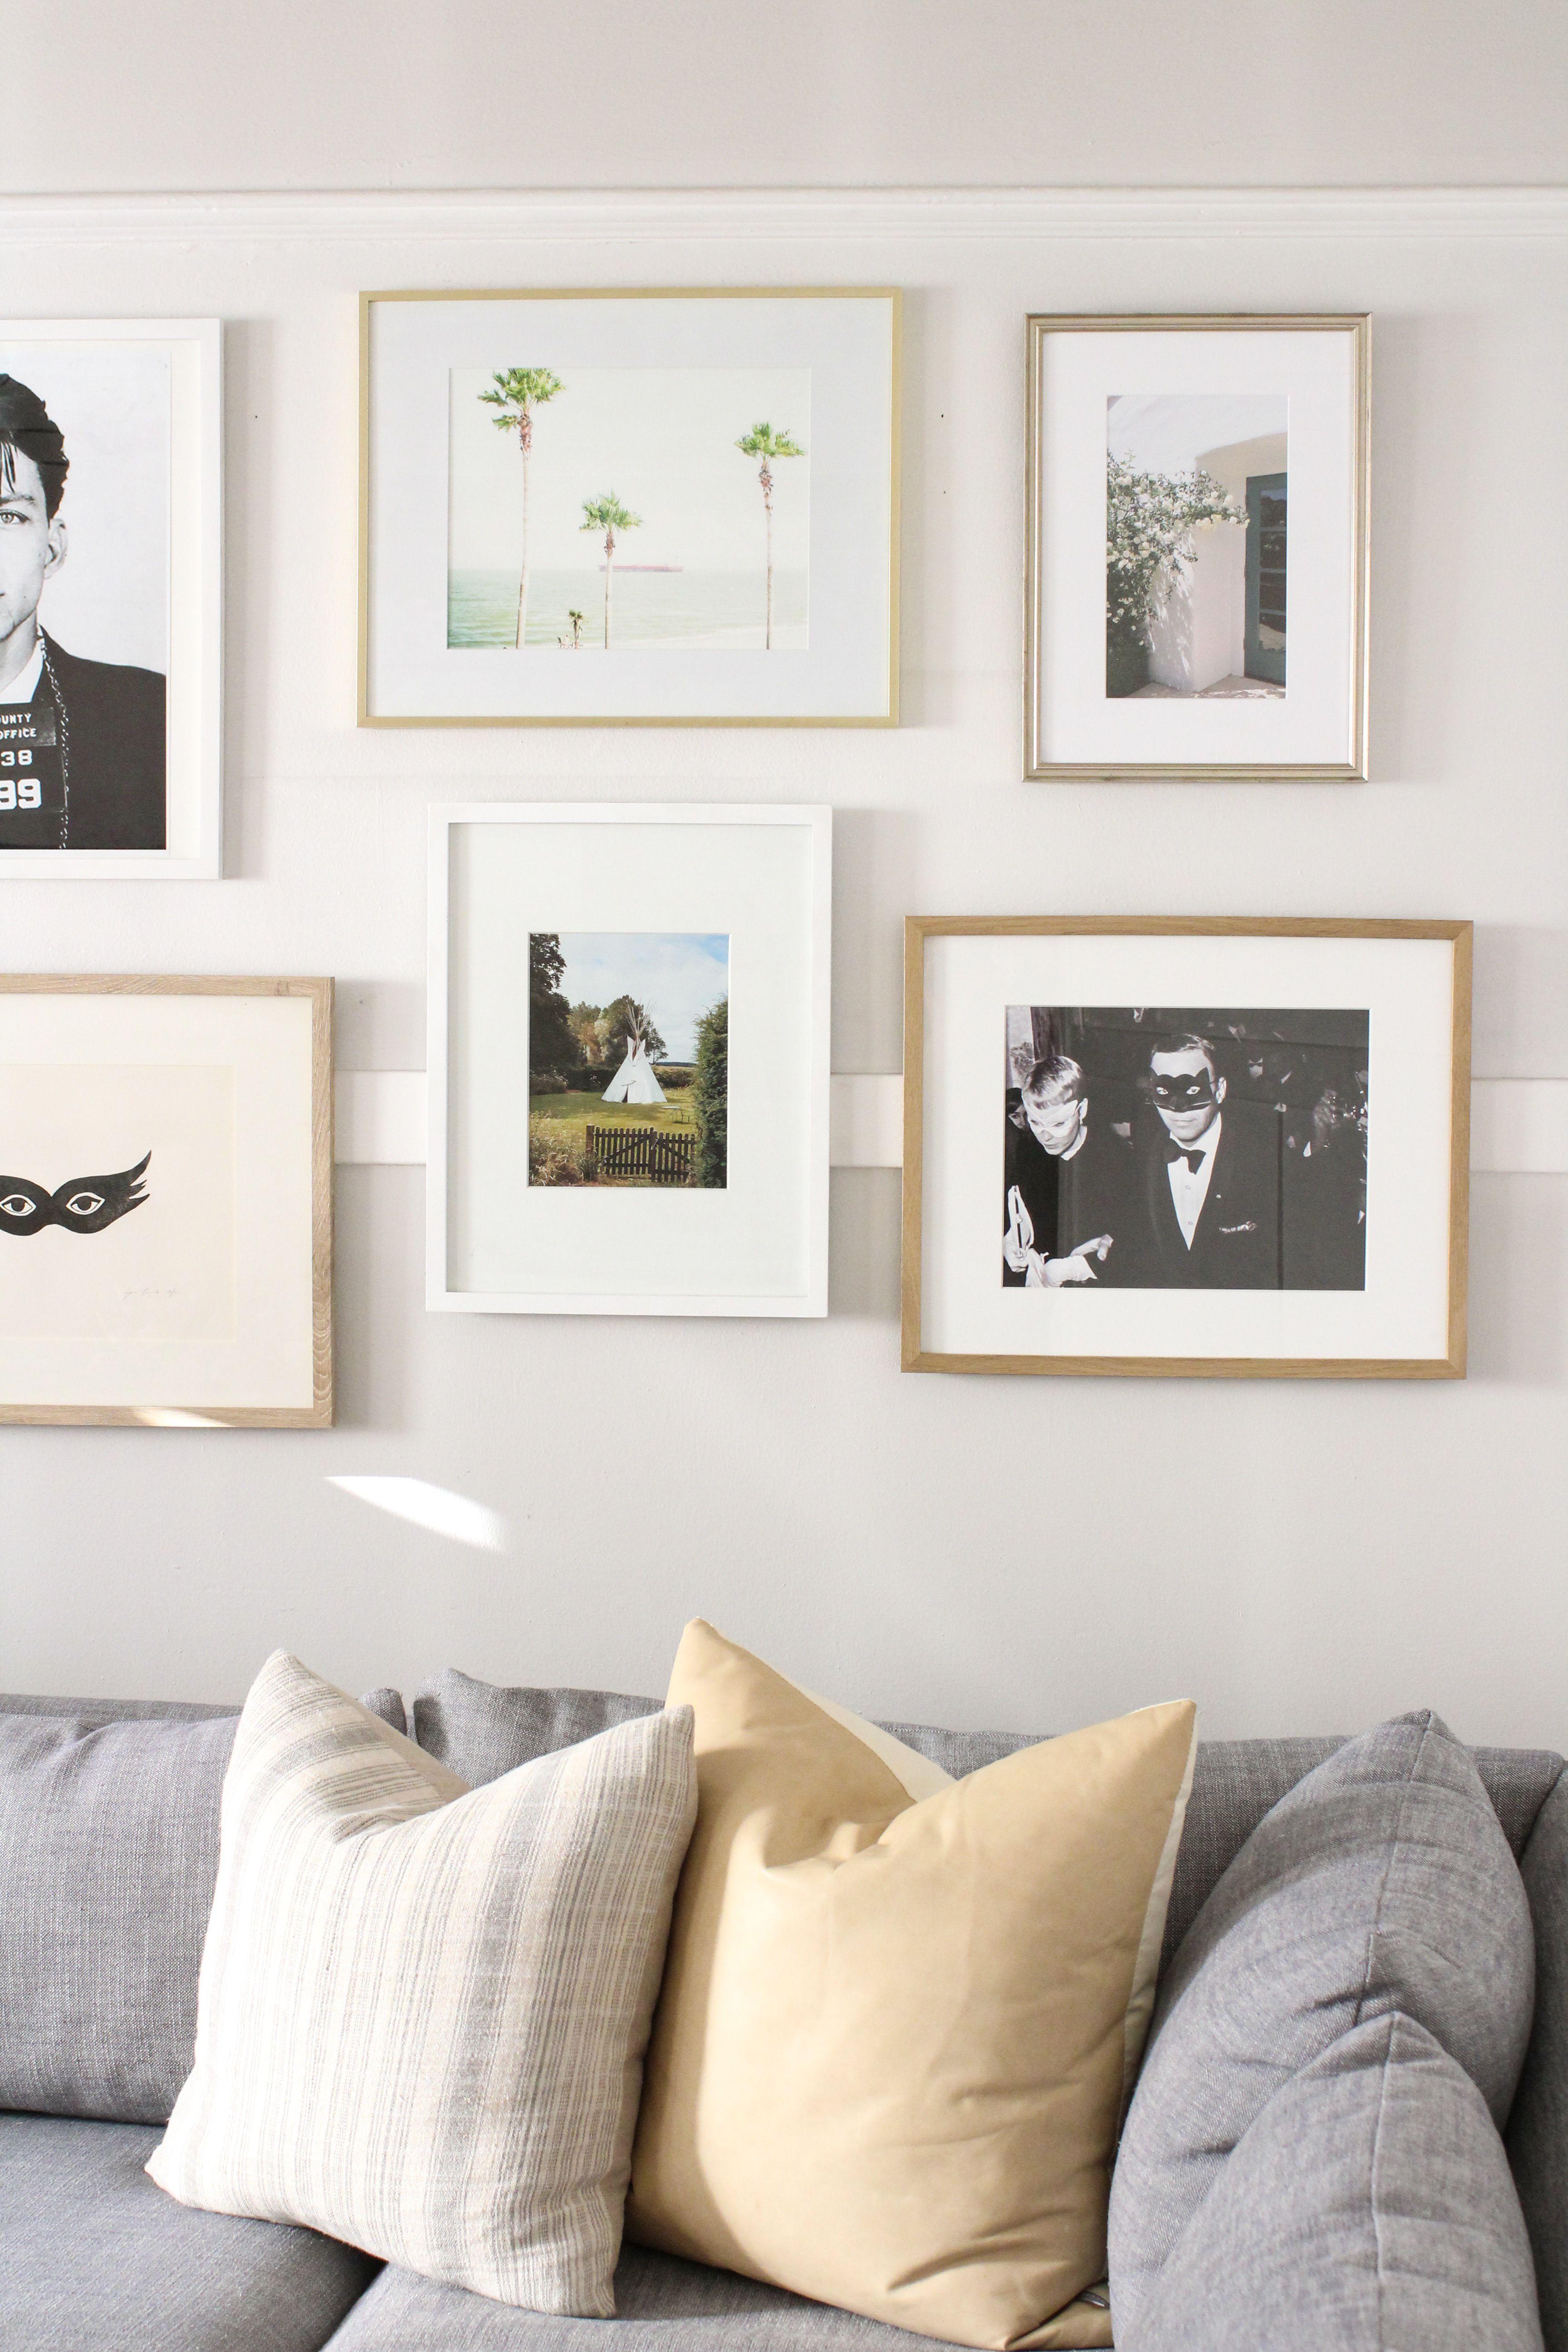 Living Room Gallery Wall Harlowe James Gallery Wall Gallery